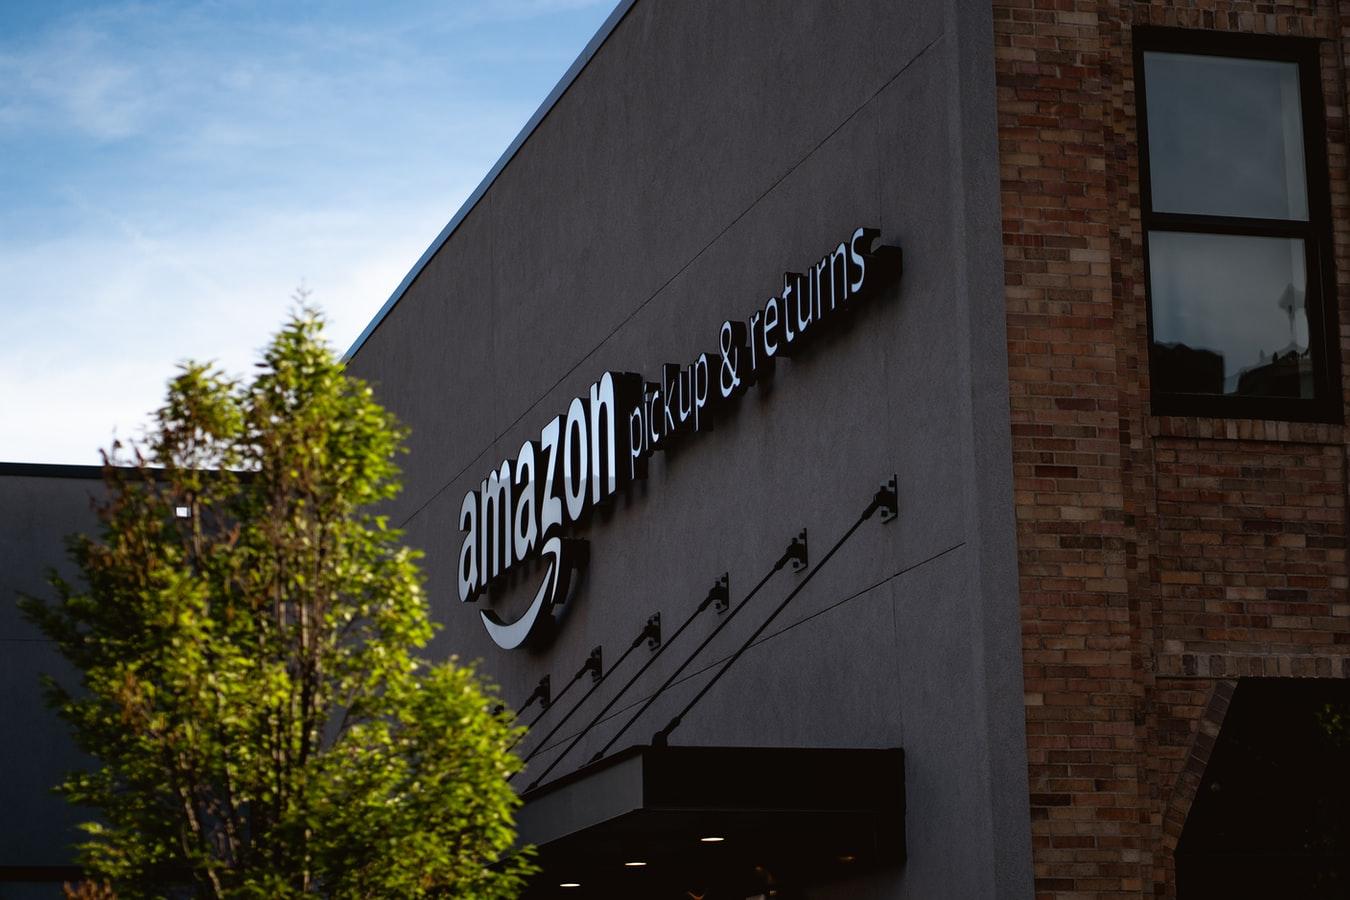 Amazon wprowadza płatność za pomocą dłoni